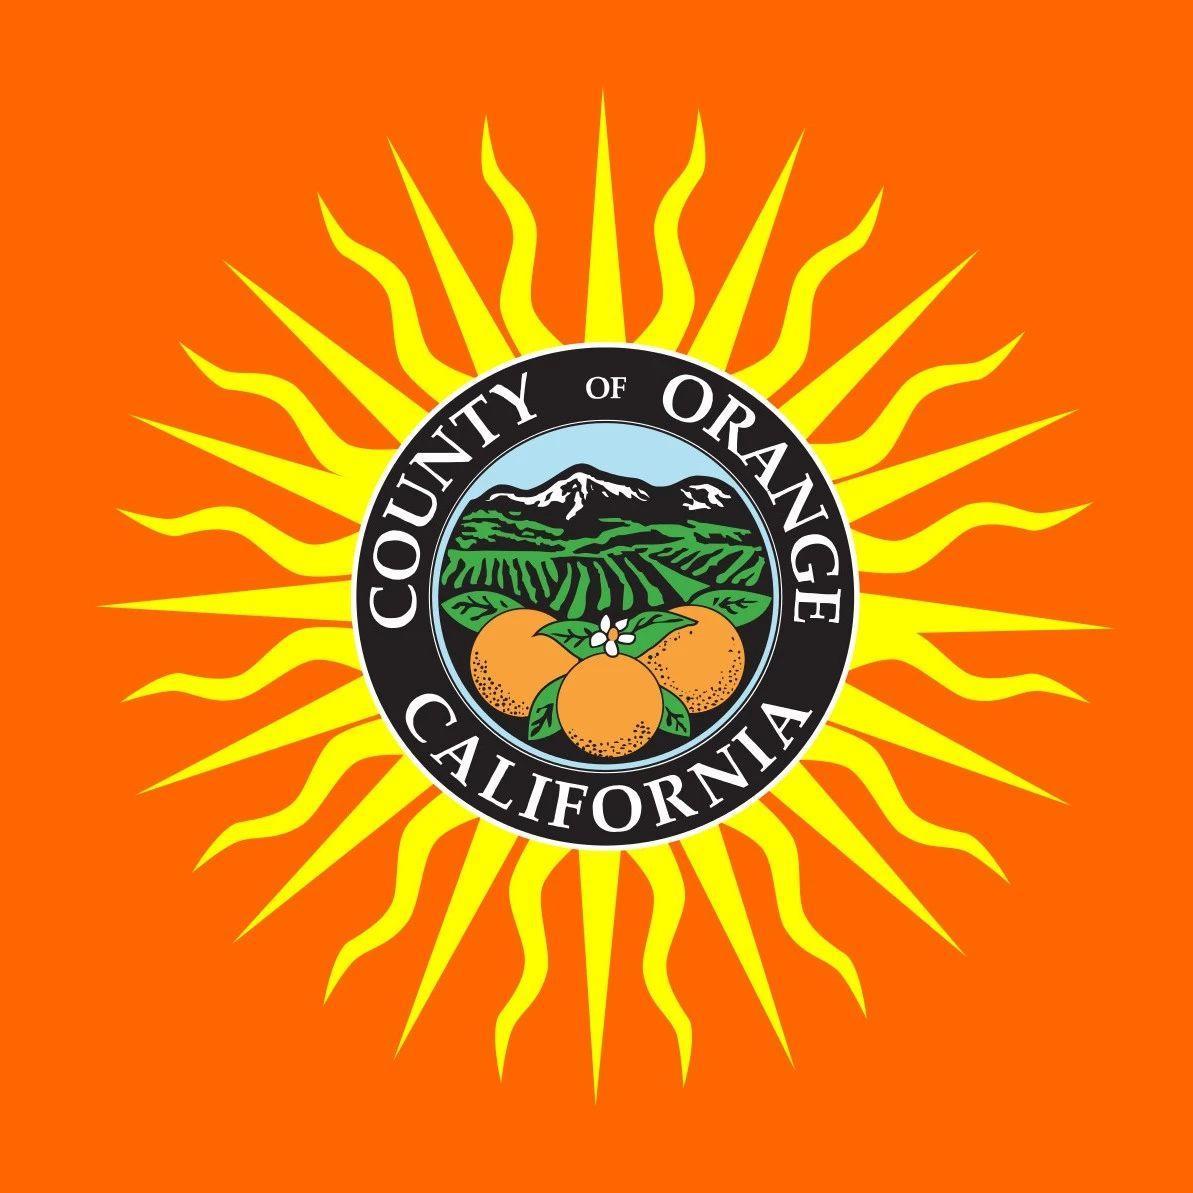 南加州共和党的大本营橙县成为蓝色的海洋